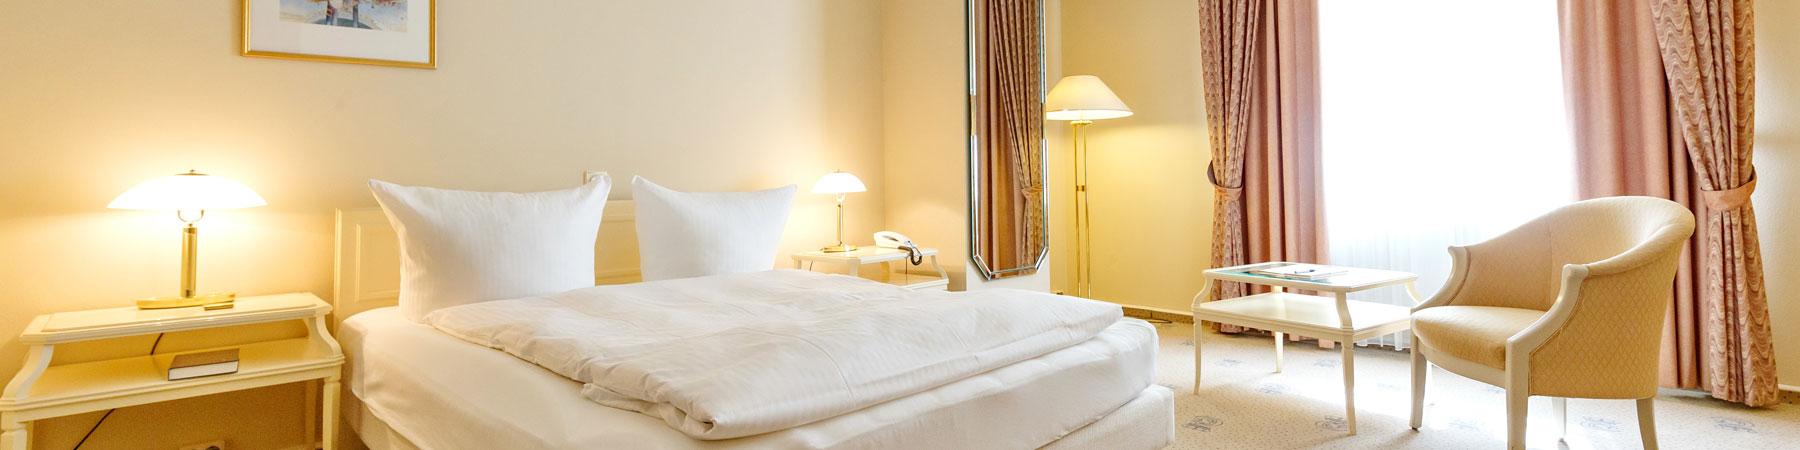 """Zimmer schmal - Hotel """"Erbprinz"""""""